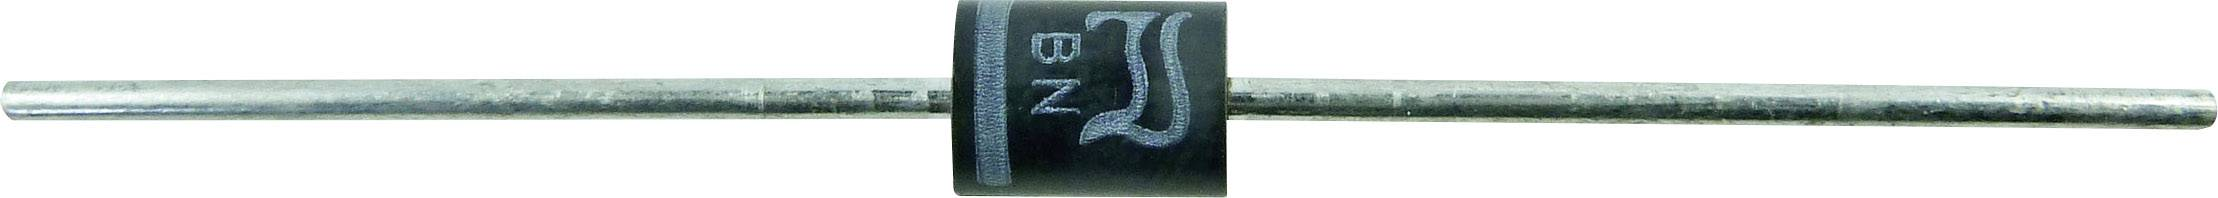 Kremíková usmerňovacia dióda Diotec BY550-50 BY550-50 5 A, 50 V